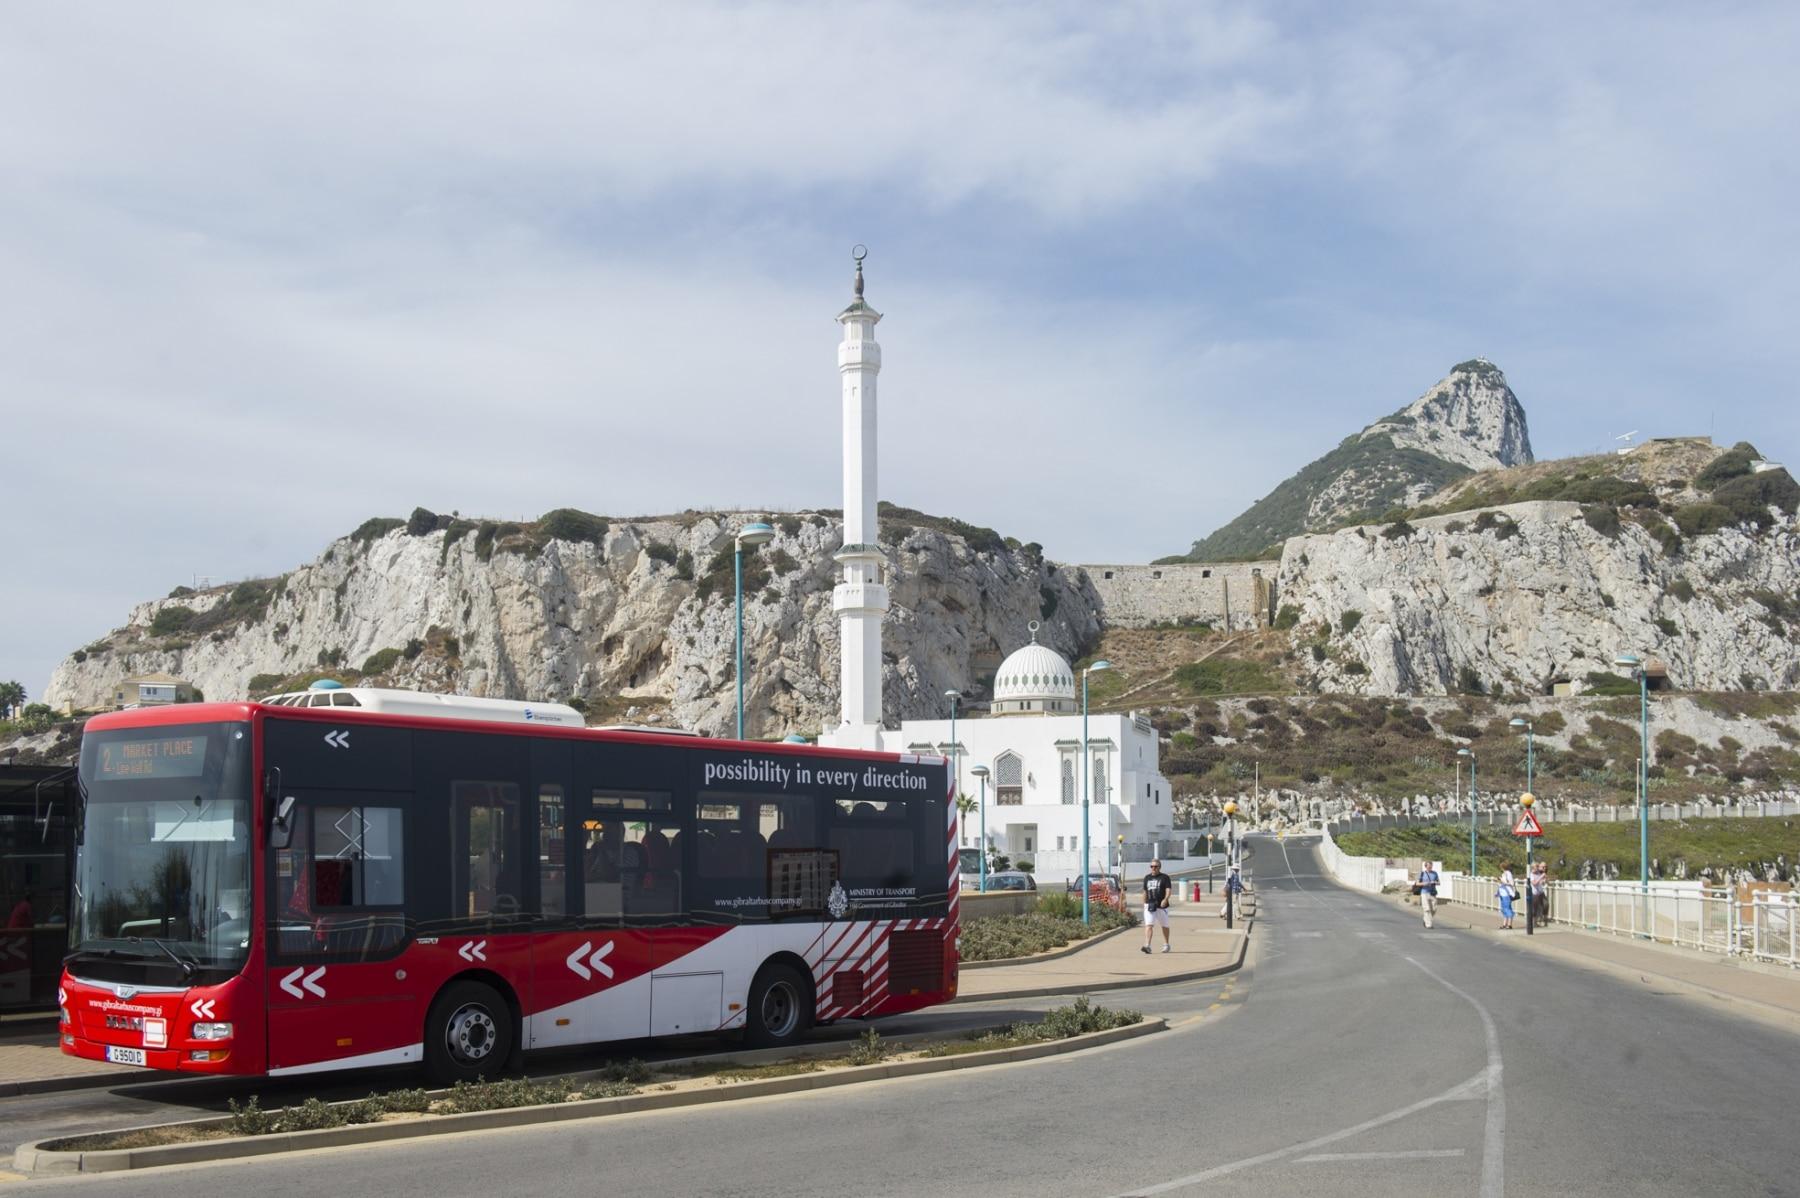 turismo-en-gibraltar-092015-668_22122314643_o